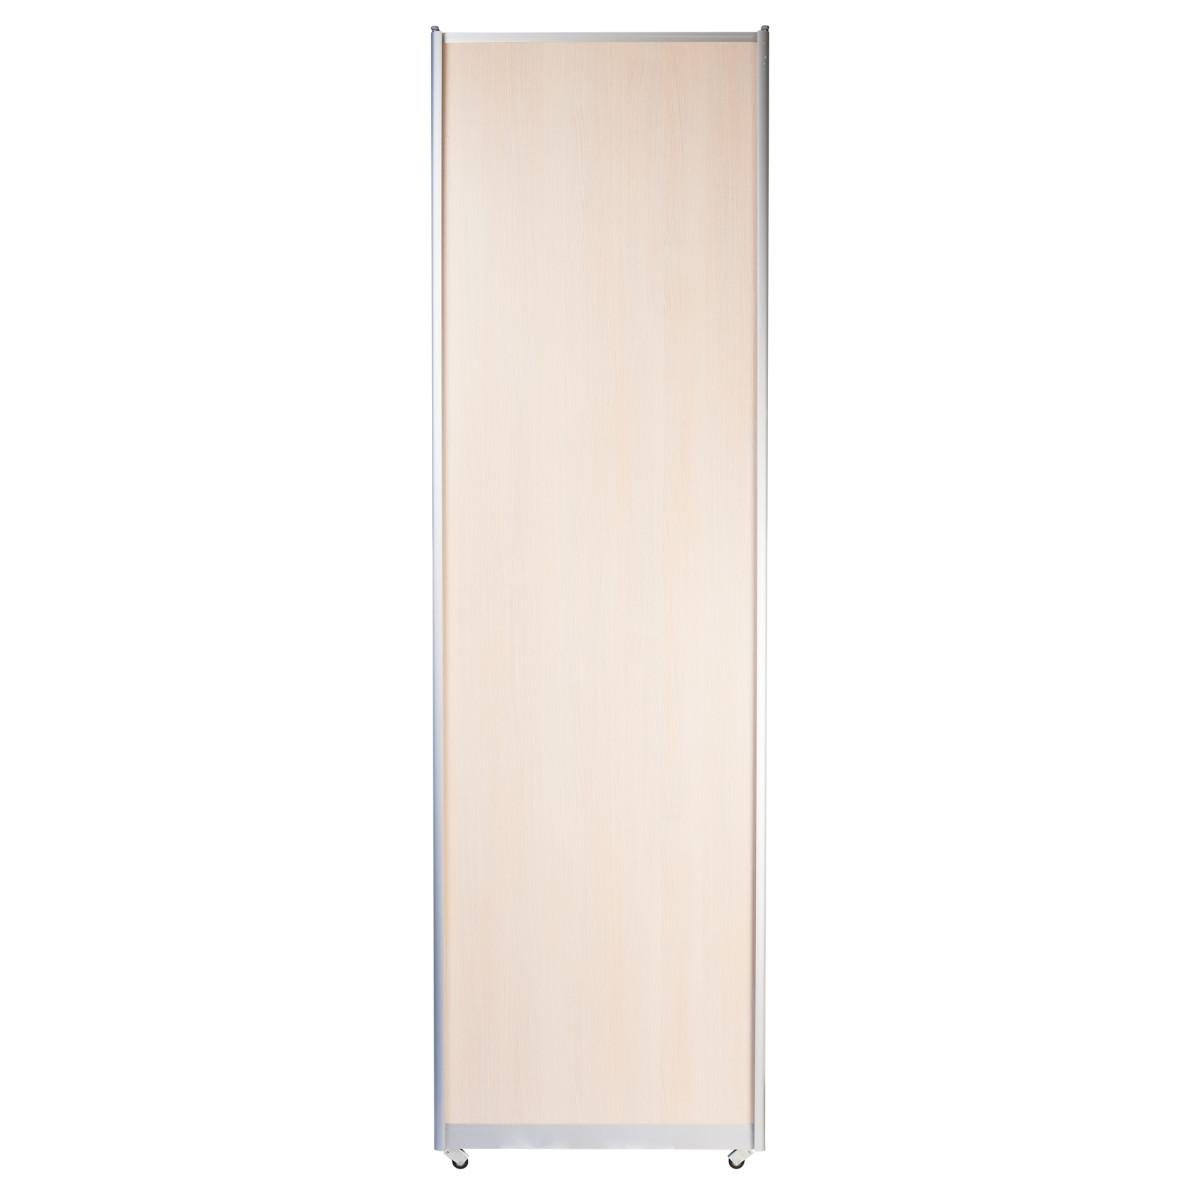 Дверь-купе 2460х742 мм цвет дуб беленый/серебро